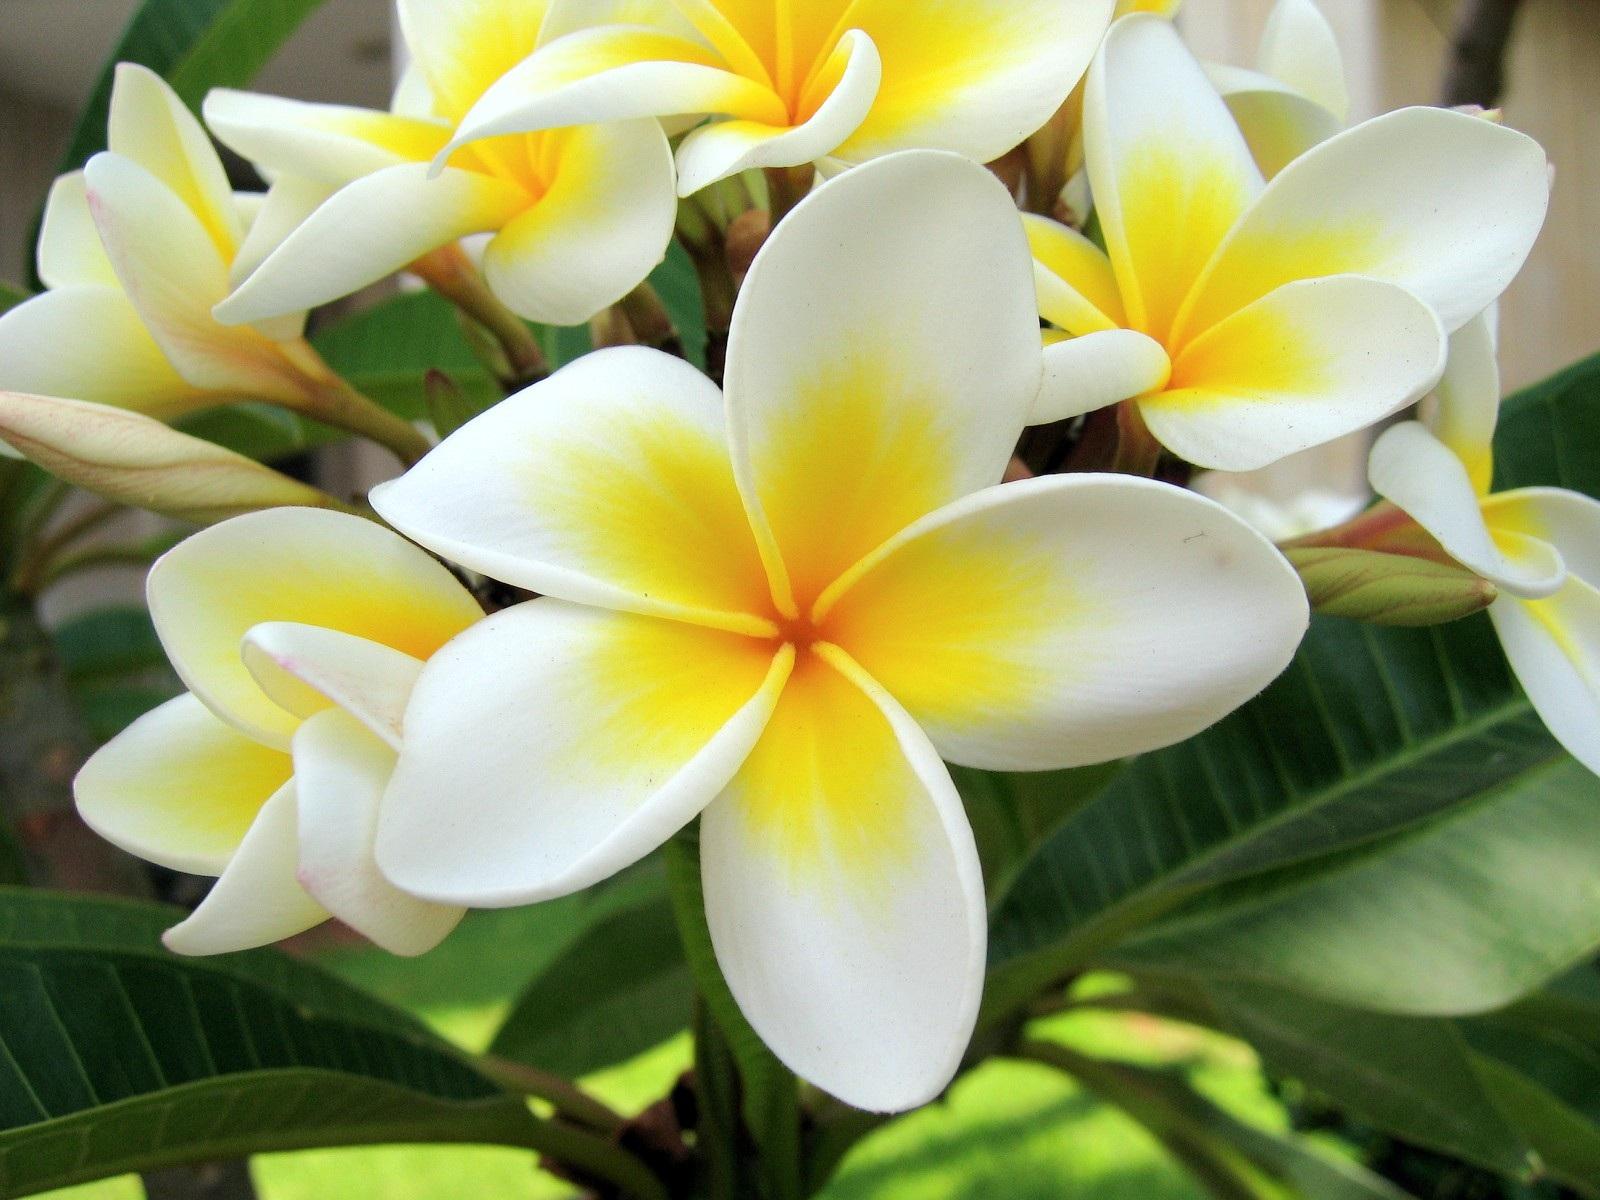 Download 9700 Koleksi Gambar Flora Dan Fauna Di Negara Kamboja